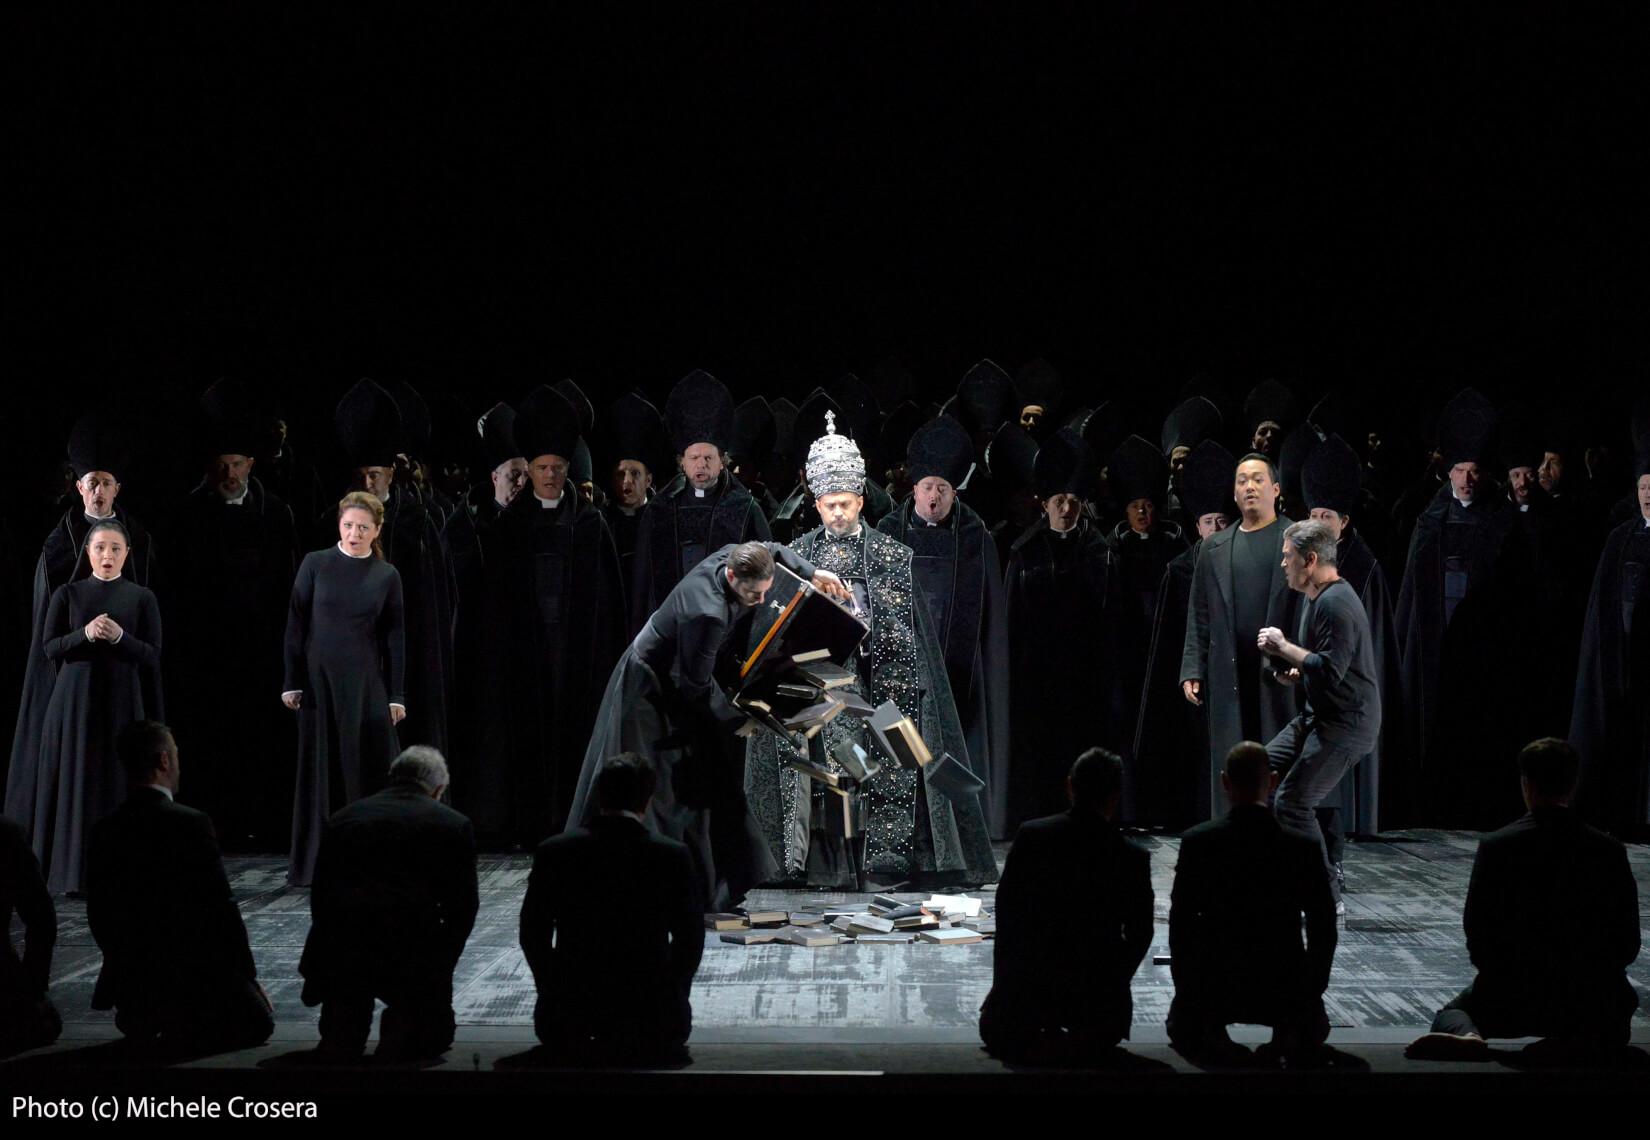 Teatro La Fenice - Don Carlo, a. II.2 sc. 2 - foto @ Michele Crosera